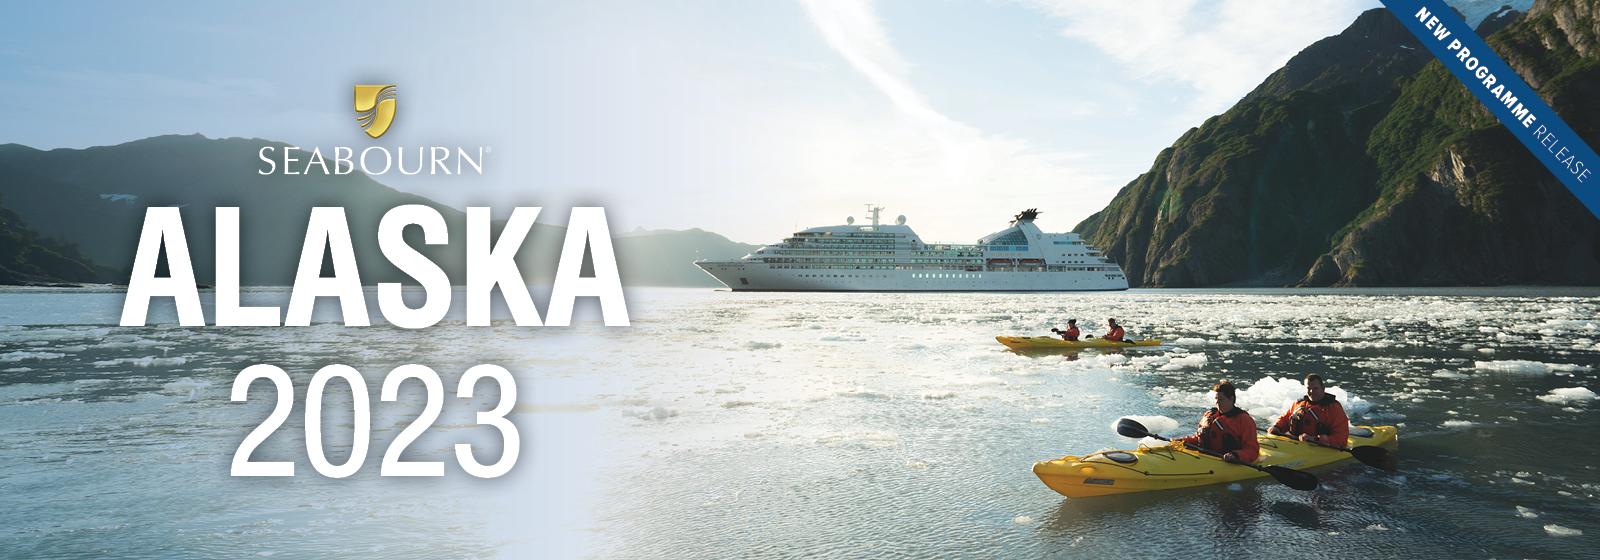 Seabourn - NEW Alaska 2023